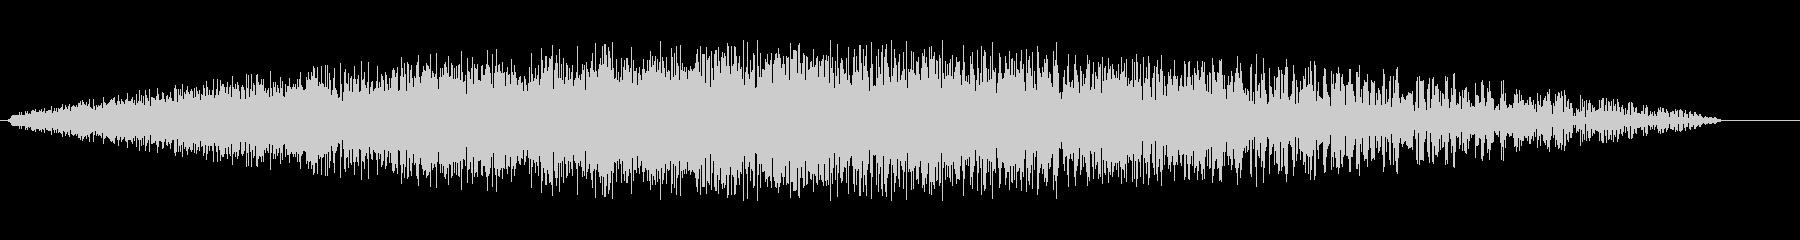 シューン(未来的な音)の未再生の波形